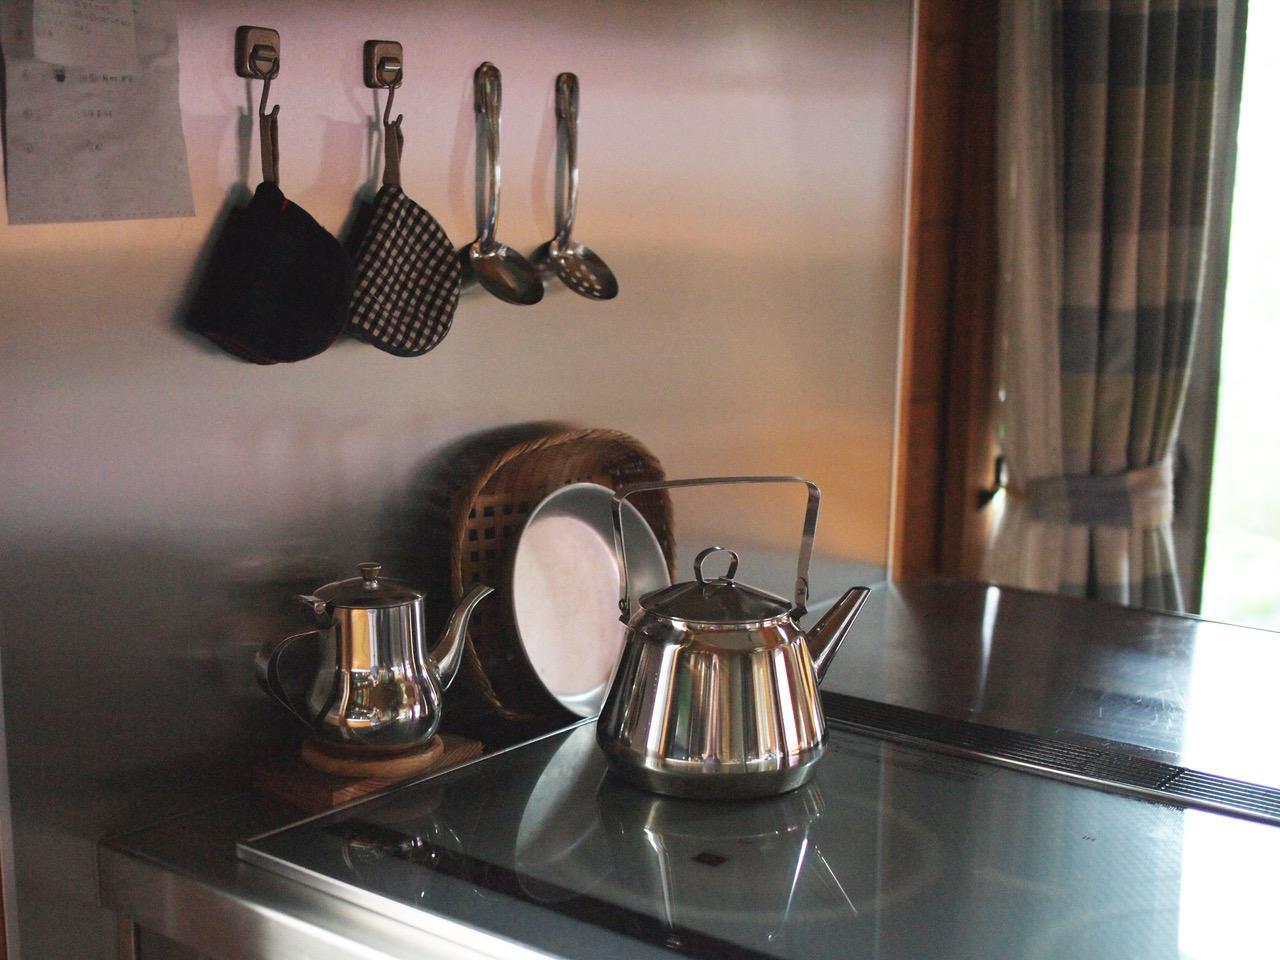 画像: 大好きな映画「かもめ食堂」にも出てくるOPAケトル。お気に入りの道具のひとつ